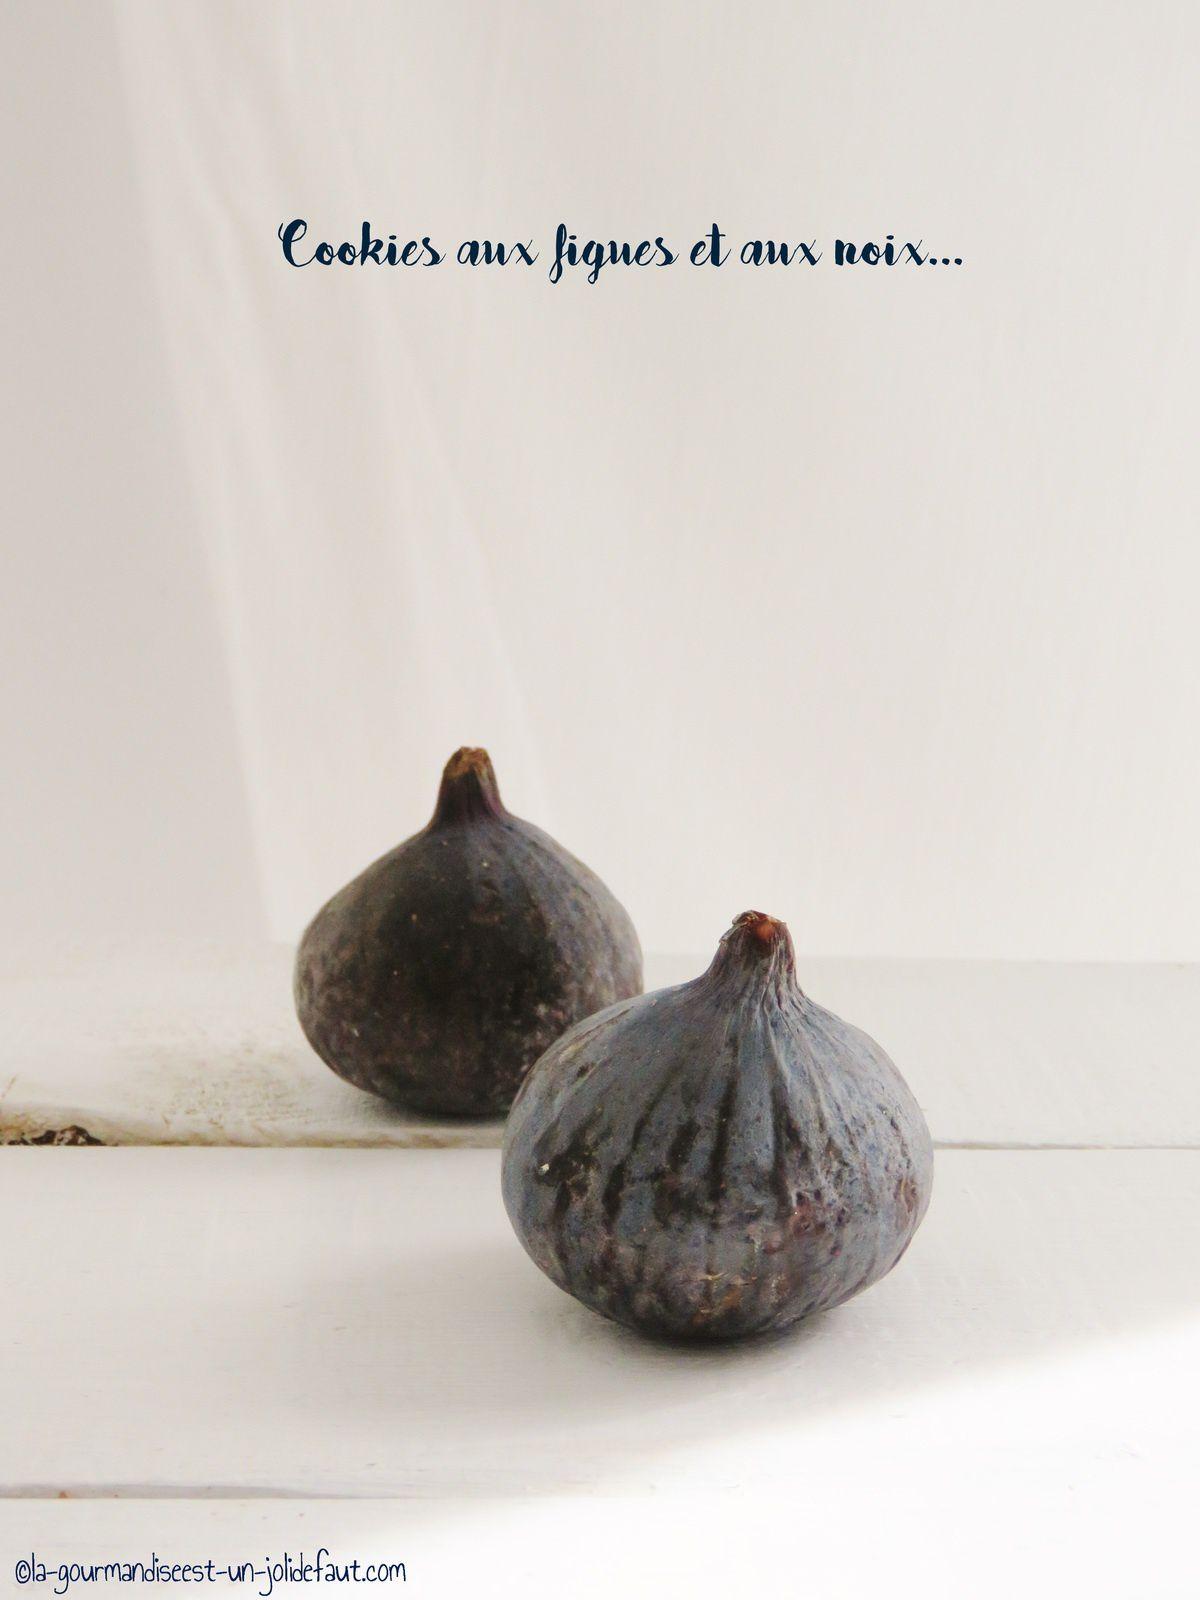 Cookies aux noix et aux figues